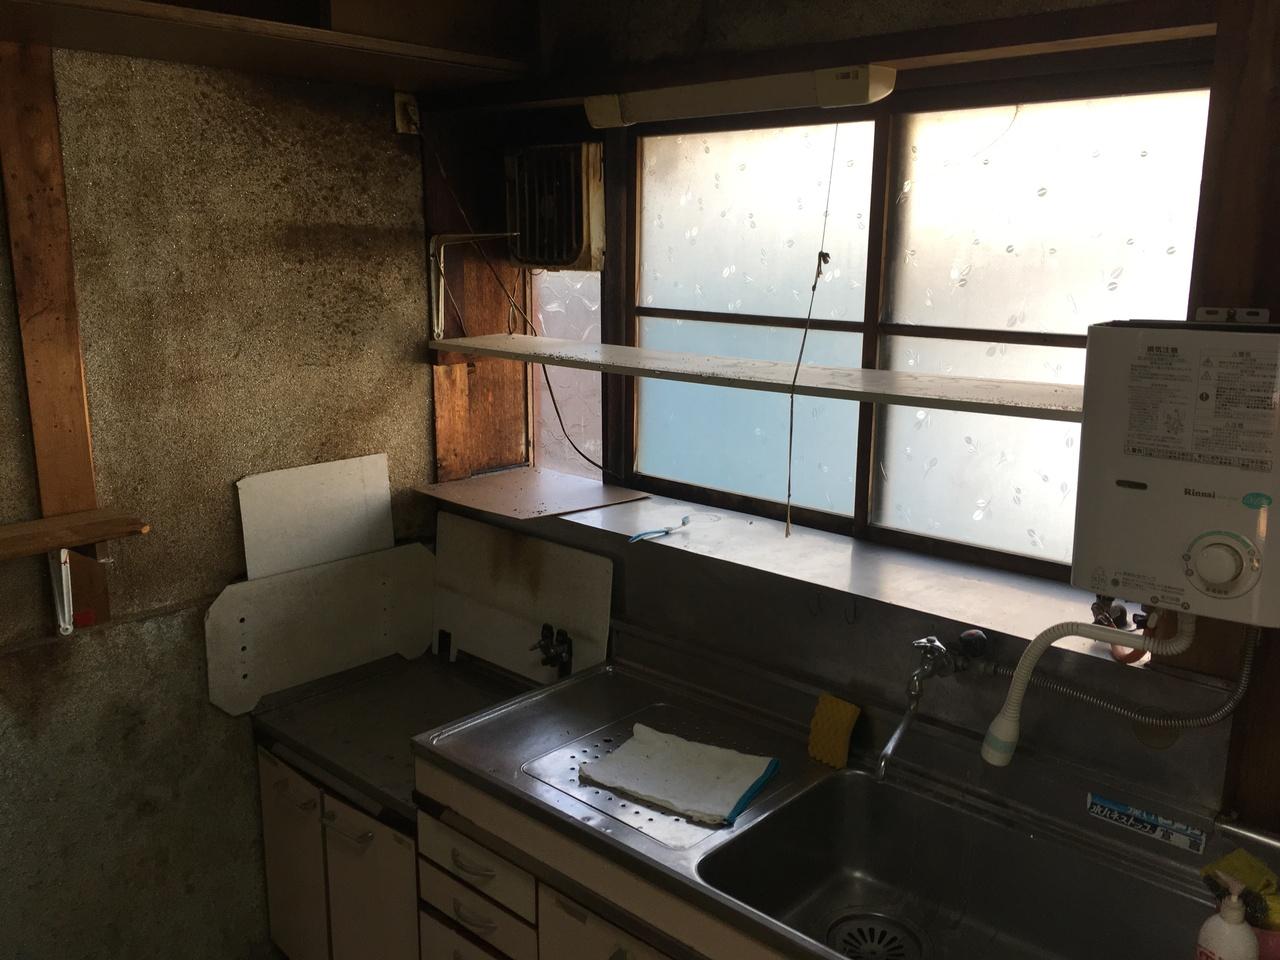 大きな窓がキッチンを明るくしてくれます